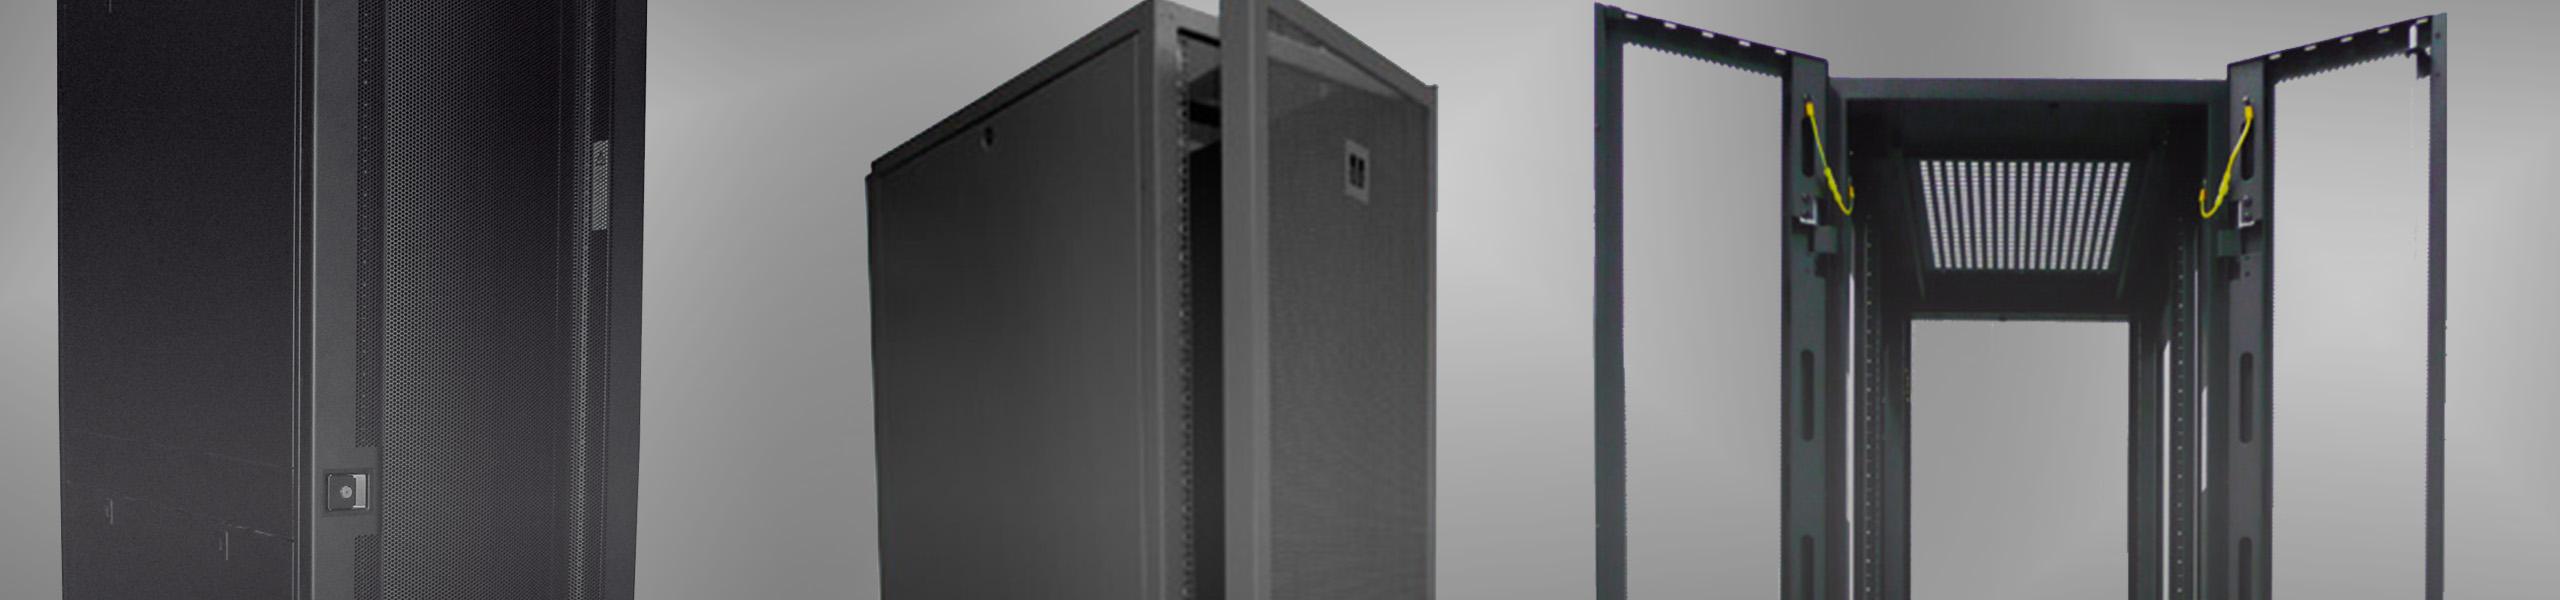 banner_superior_tecniases_advanced_server_gabinete_para_servidor_